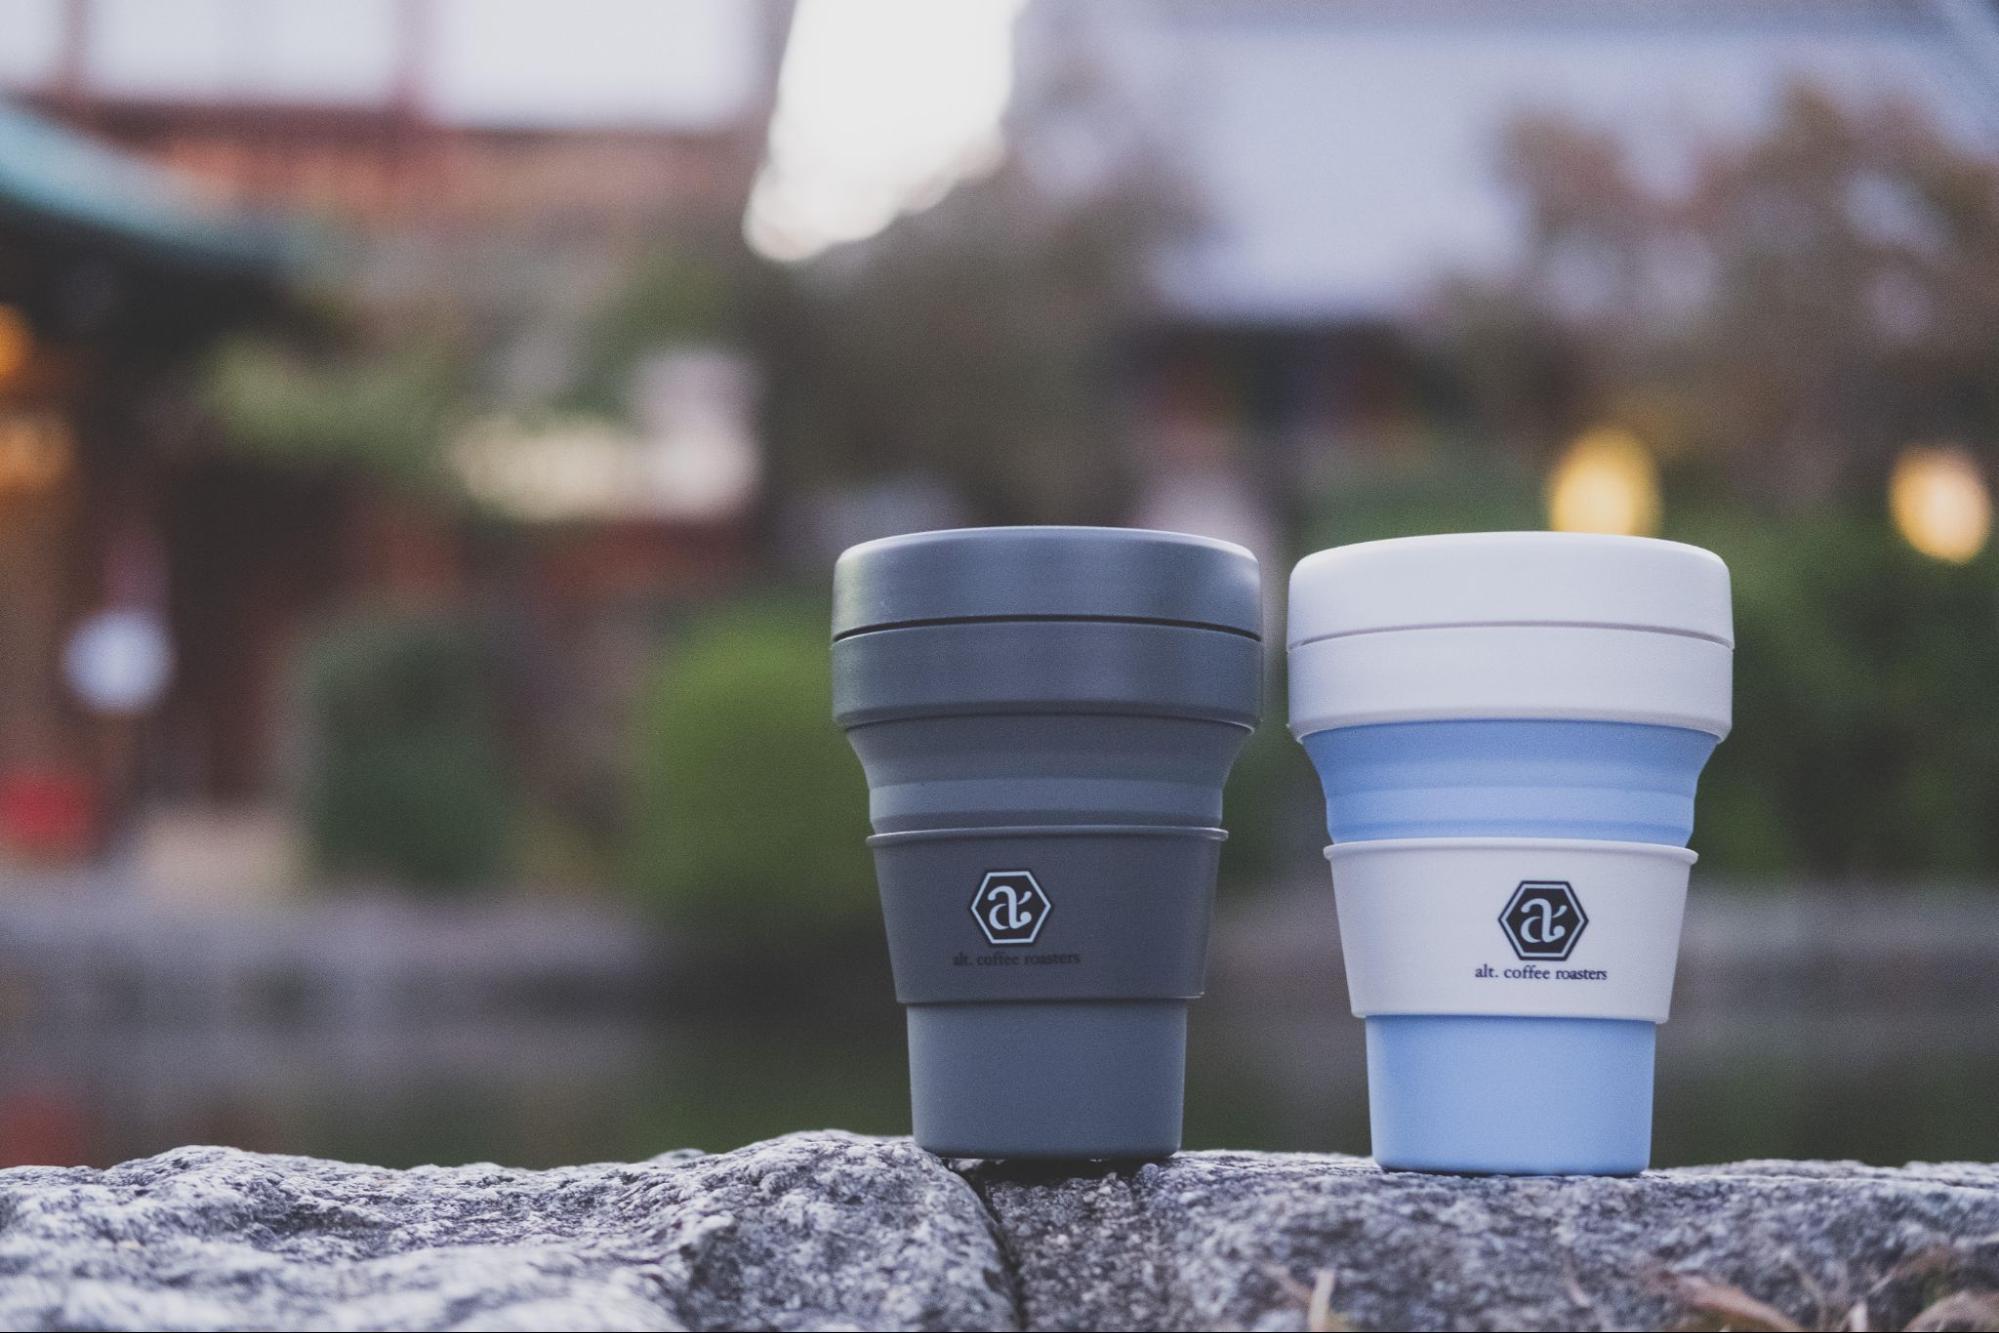 アイキャッチ:人気ロースターカフェ「alt.coffee roasters …